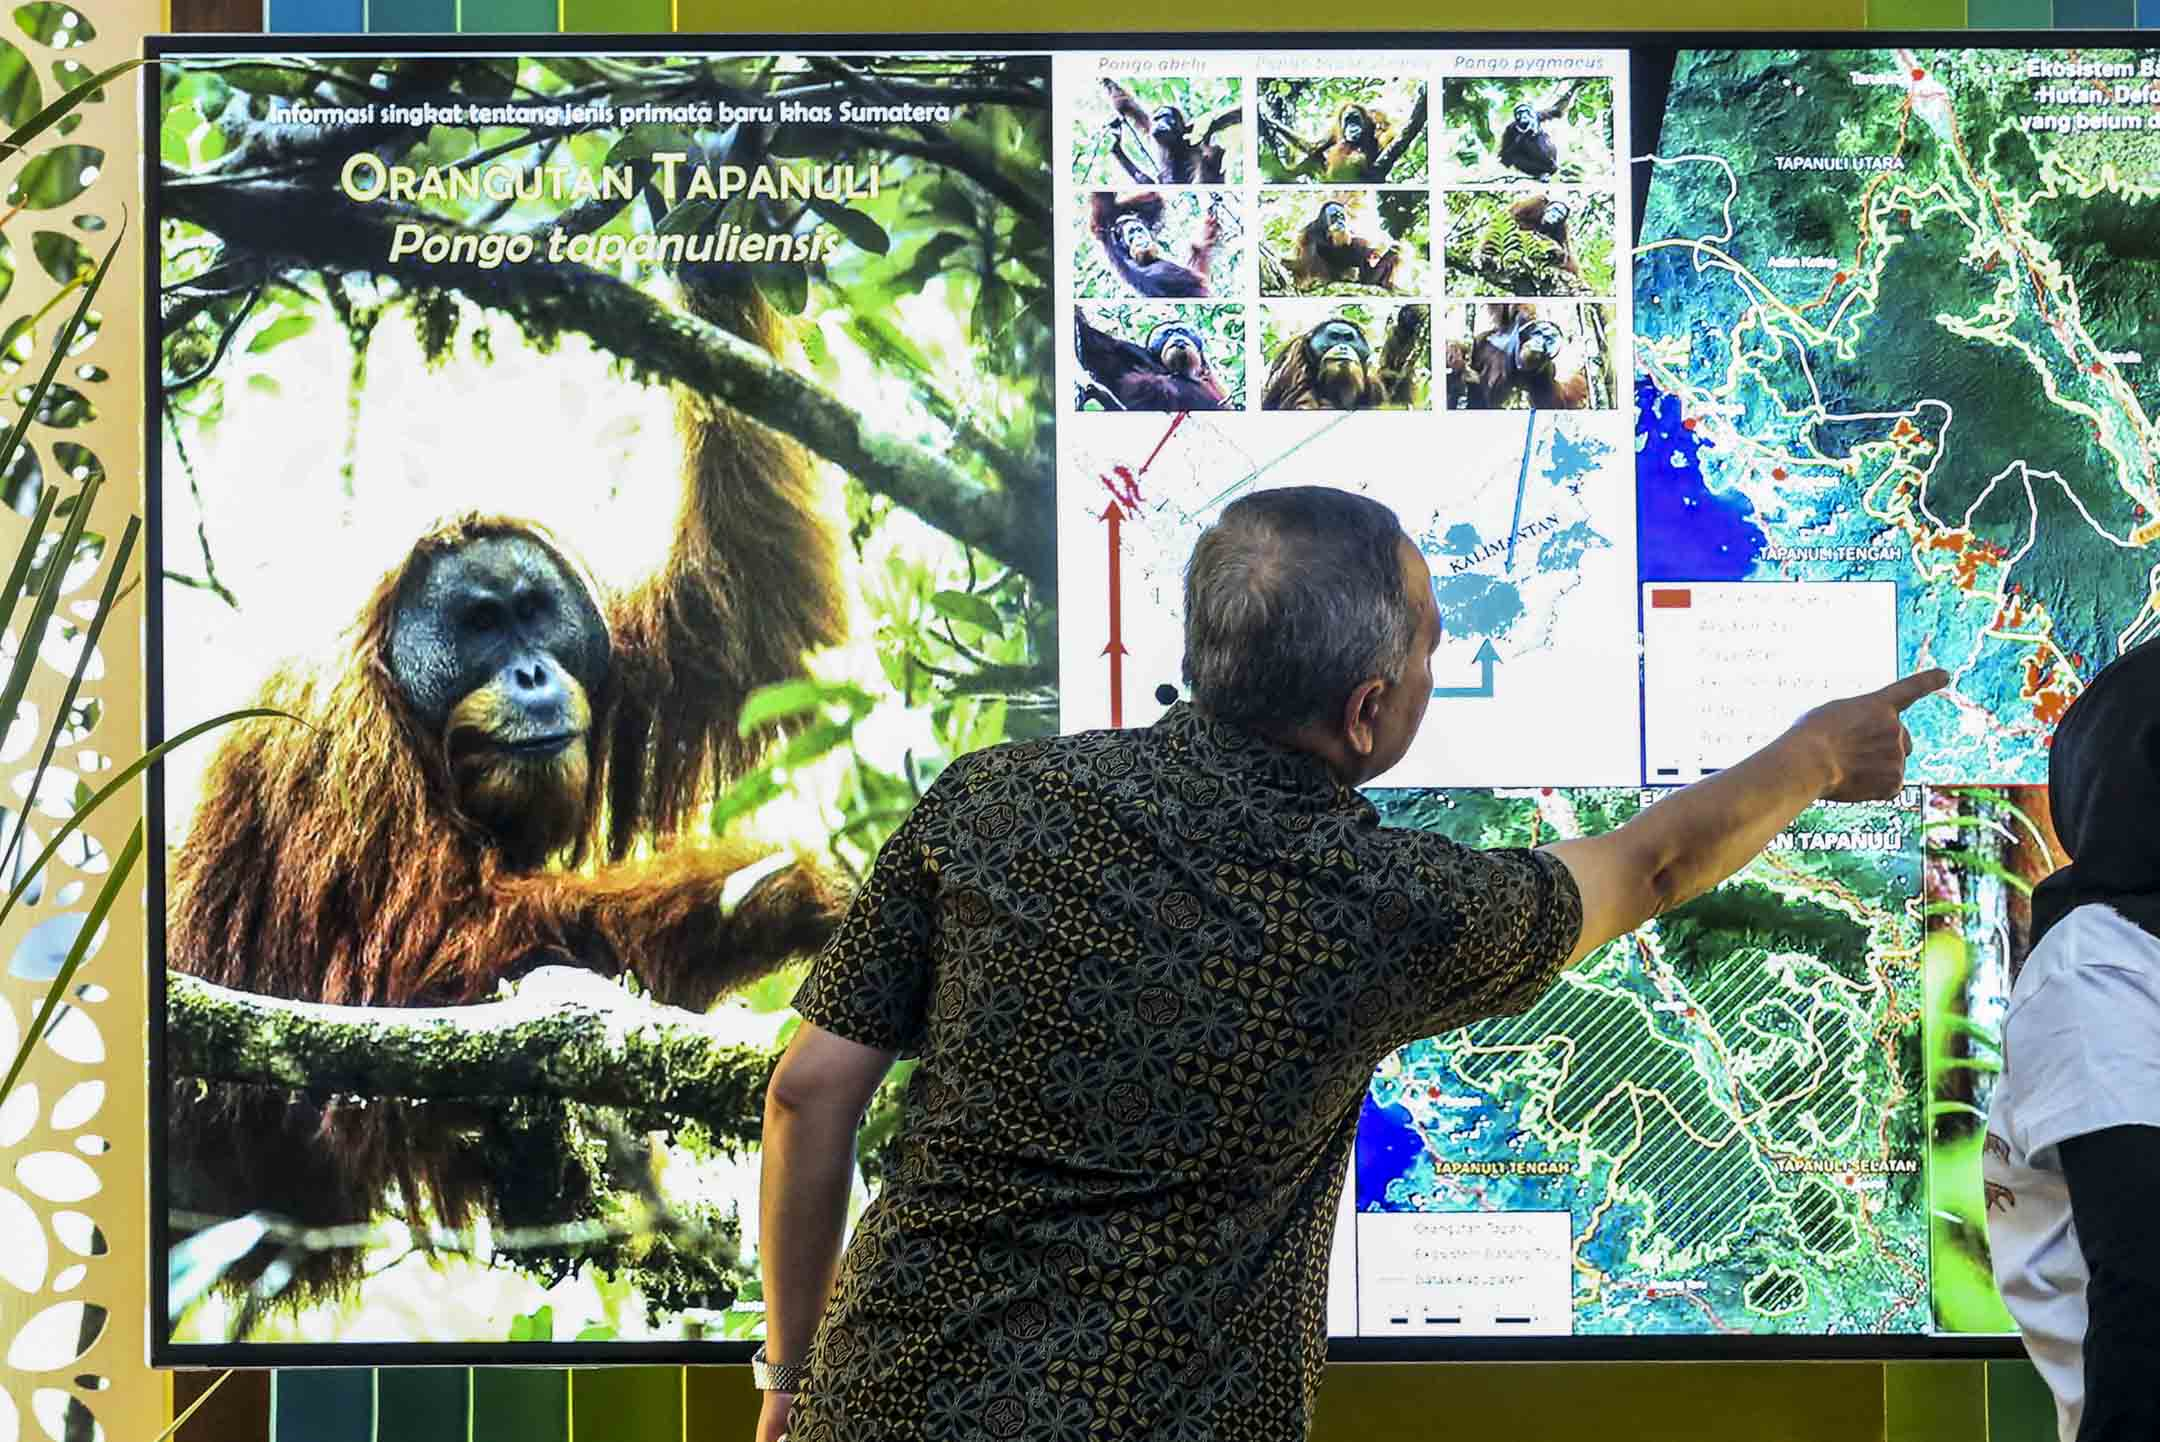 2017年3月3日,印尼林業部Wiratno中心的一名負責人在屏幕前解說,打巴奴裏猩猩的生育率很低,並對外界影響極其敏感,現存種群數量僅800只左右,建設中的水電站巴丹託魯(Batang Toru)的建設會直接導致該瀕危物種的滅絕。 攝:Tatan Syuflana/AP/達志影像